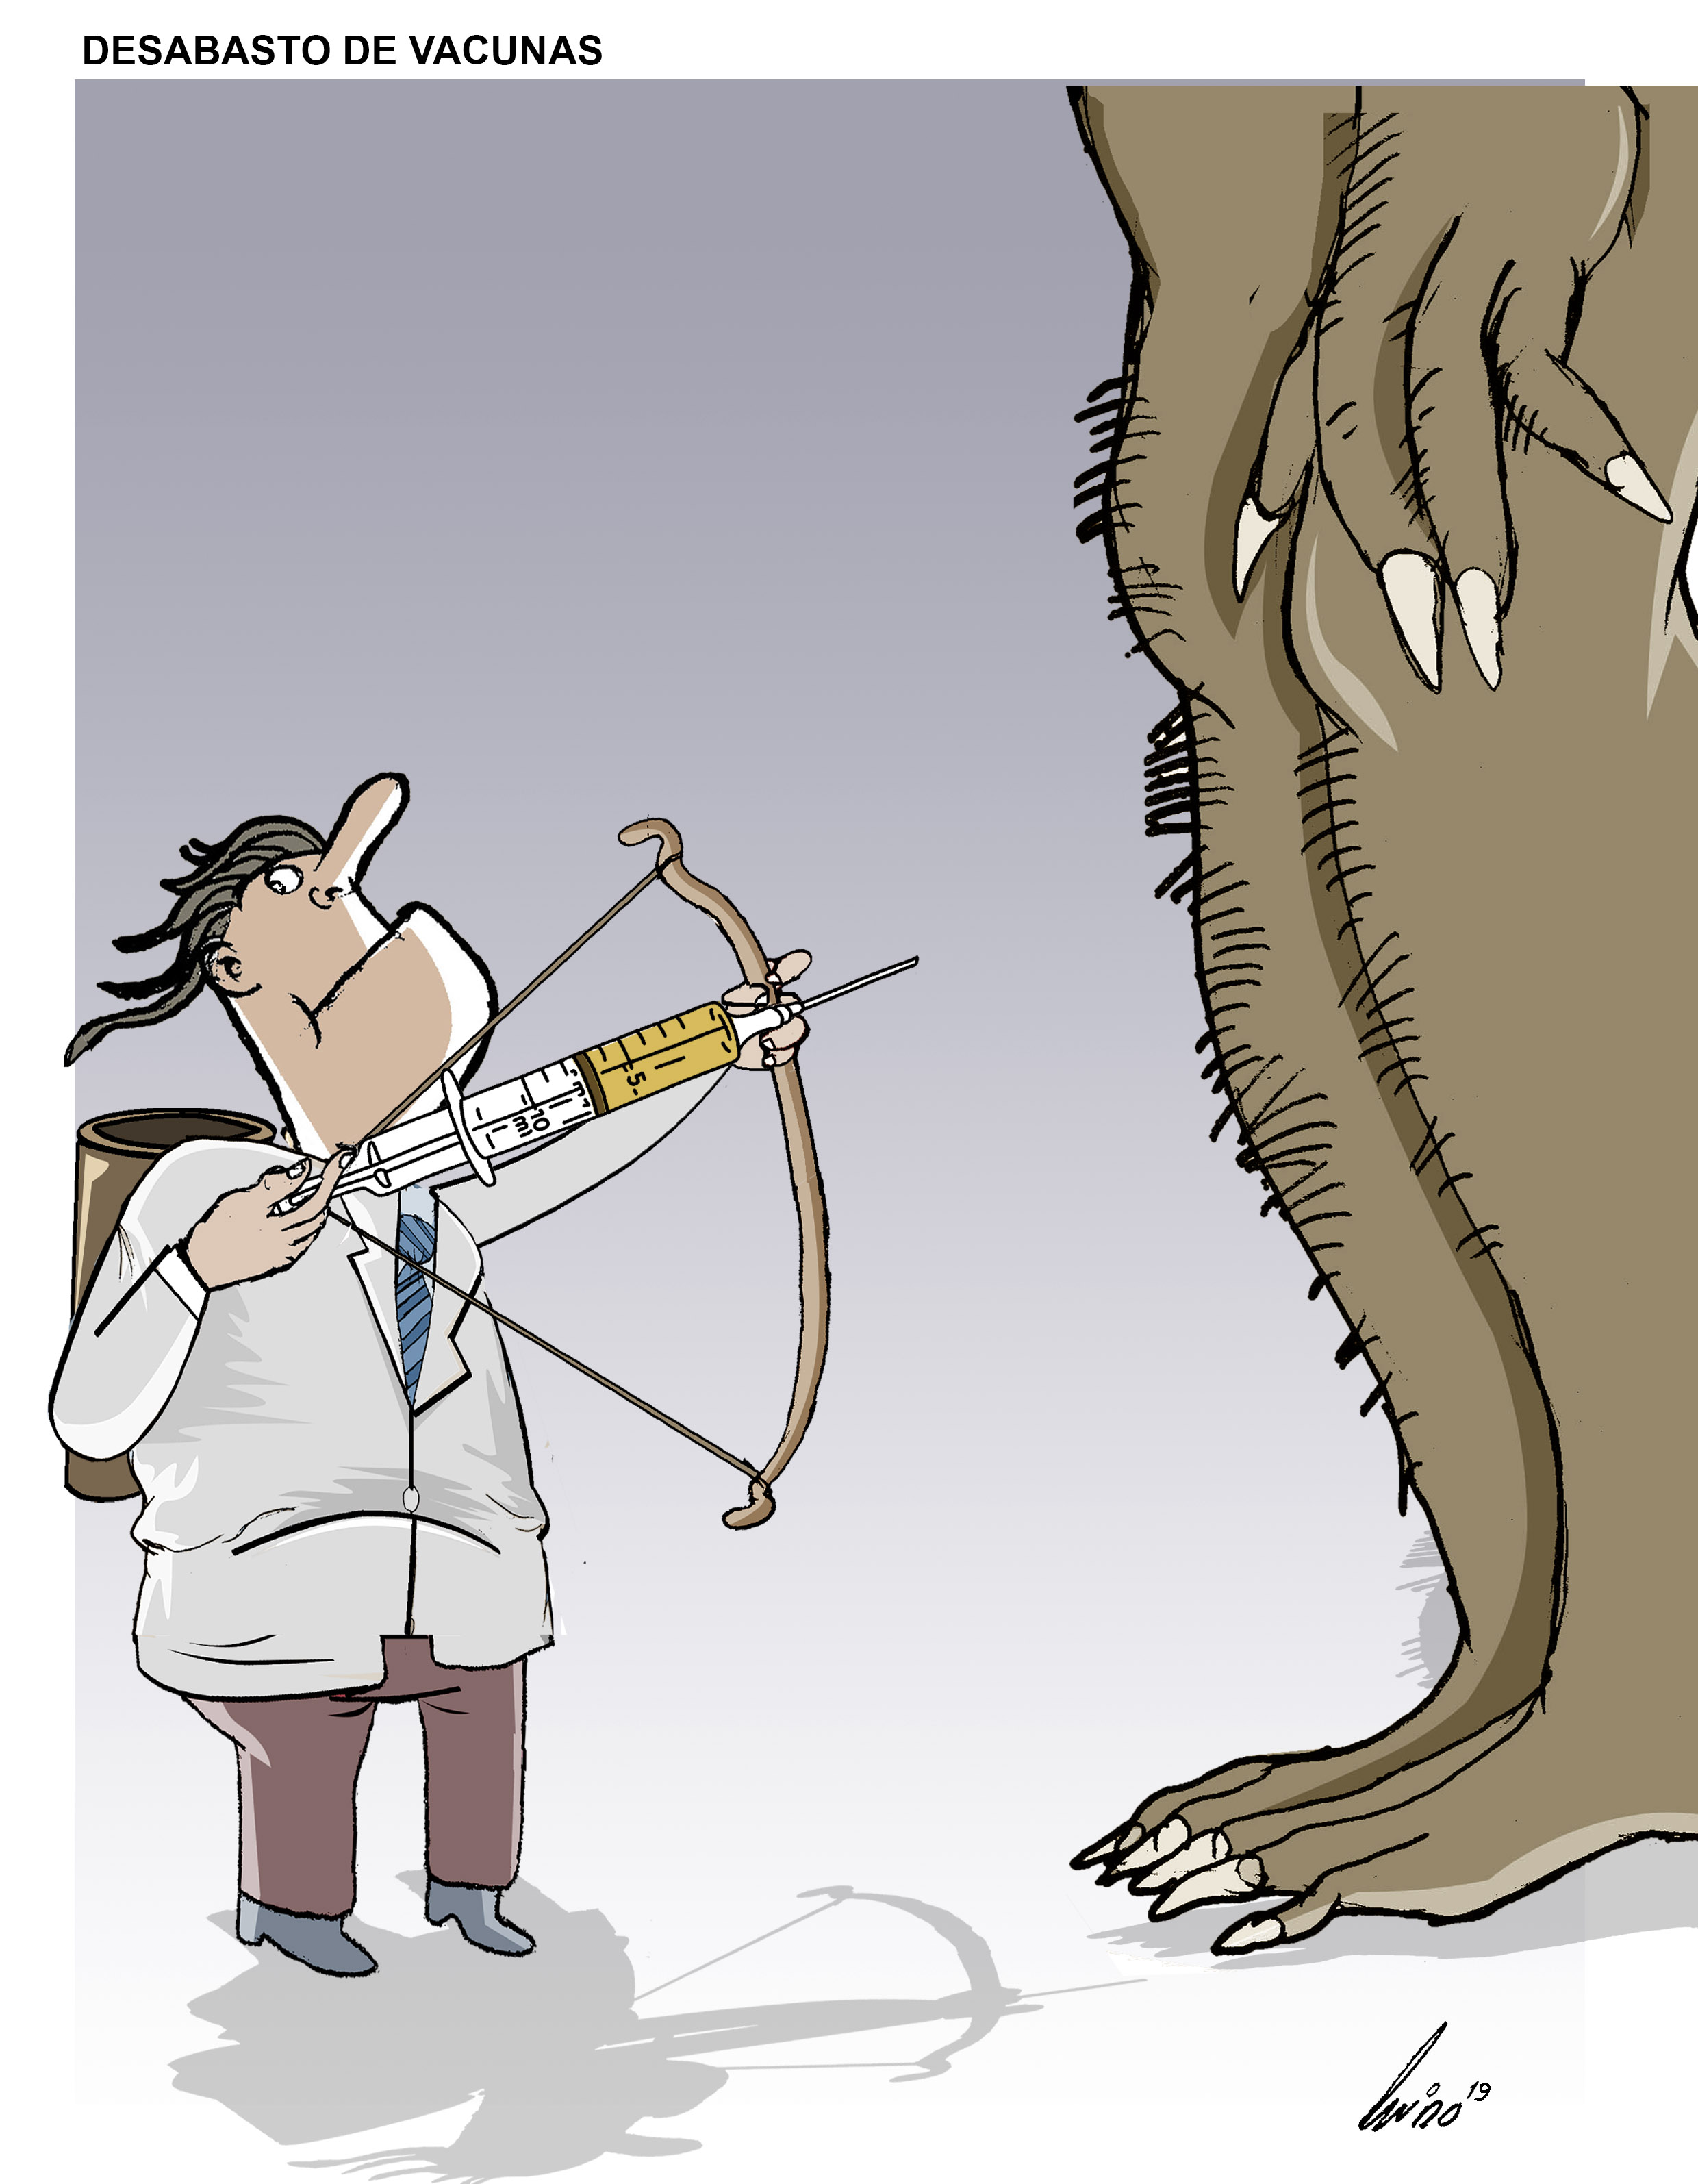 Desabasto de vacunas